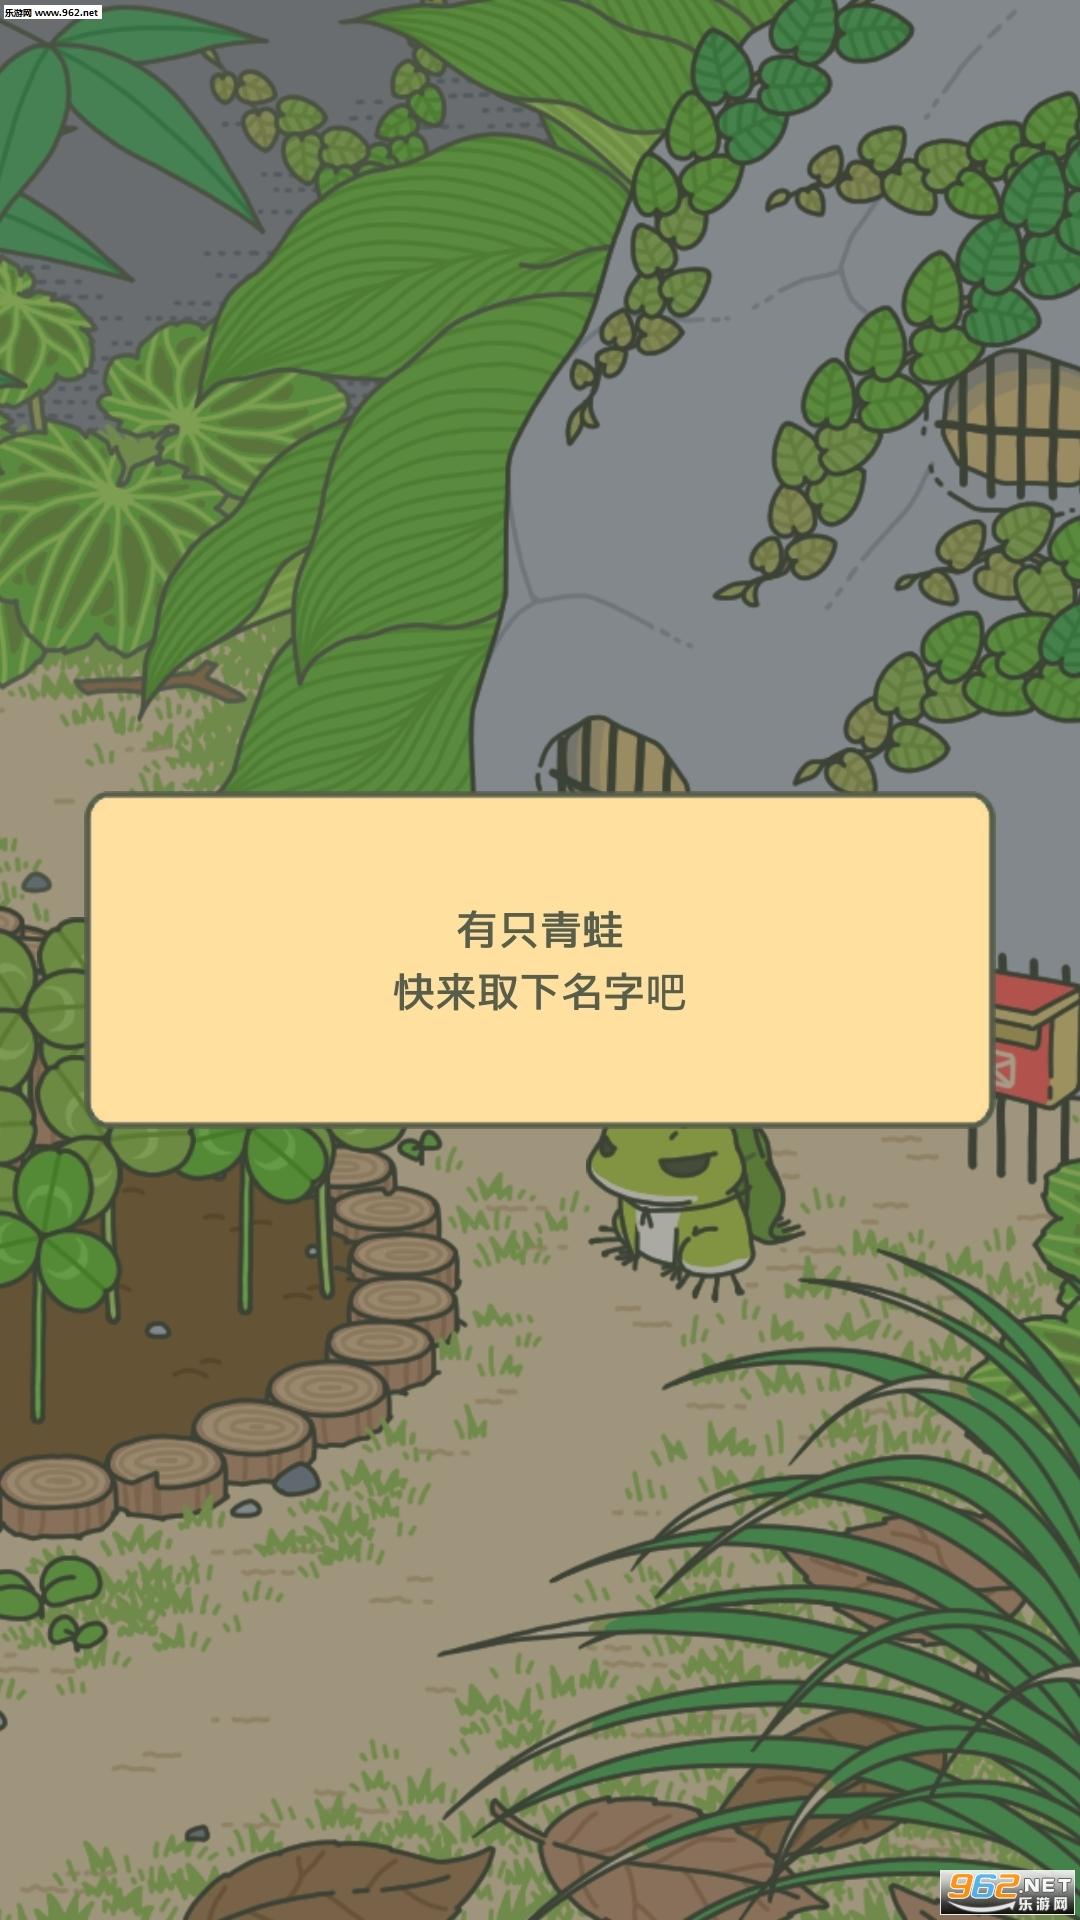 青蛙去旅行游戏汉化版手谈汉化最新版_截图6